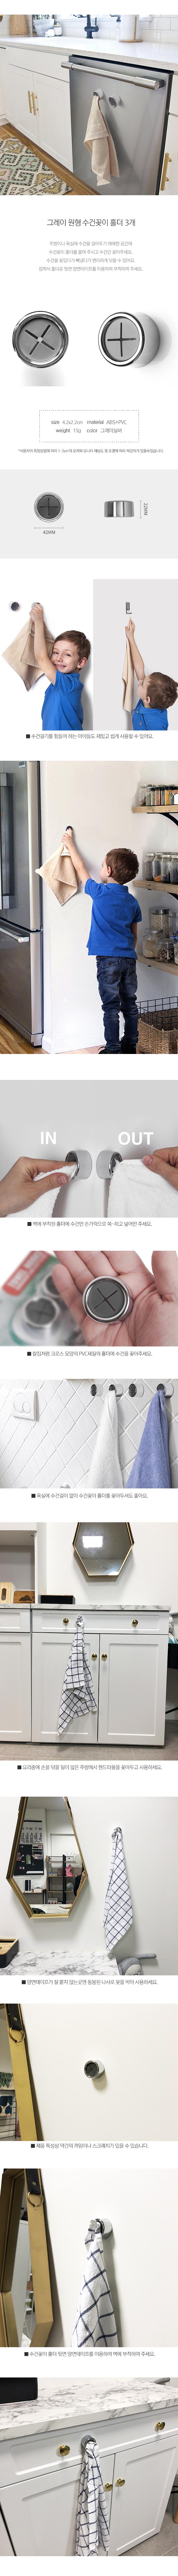 그레이 원형 수건꽂이 홀더 3p세트 - 이비자, 11,000원, 생활잡화, 후크